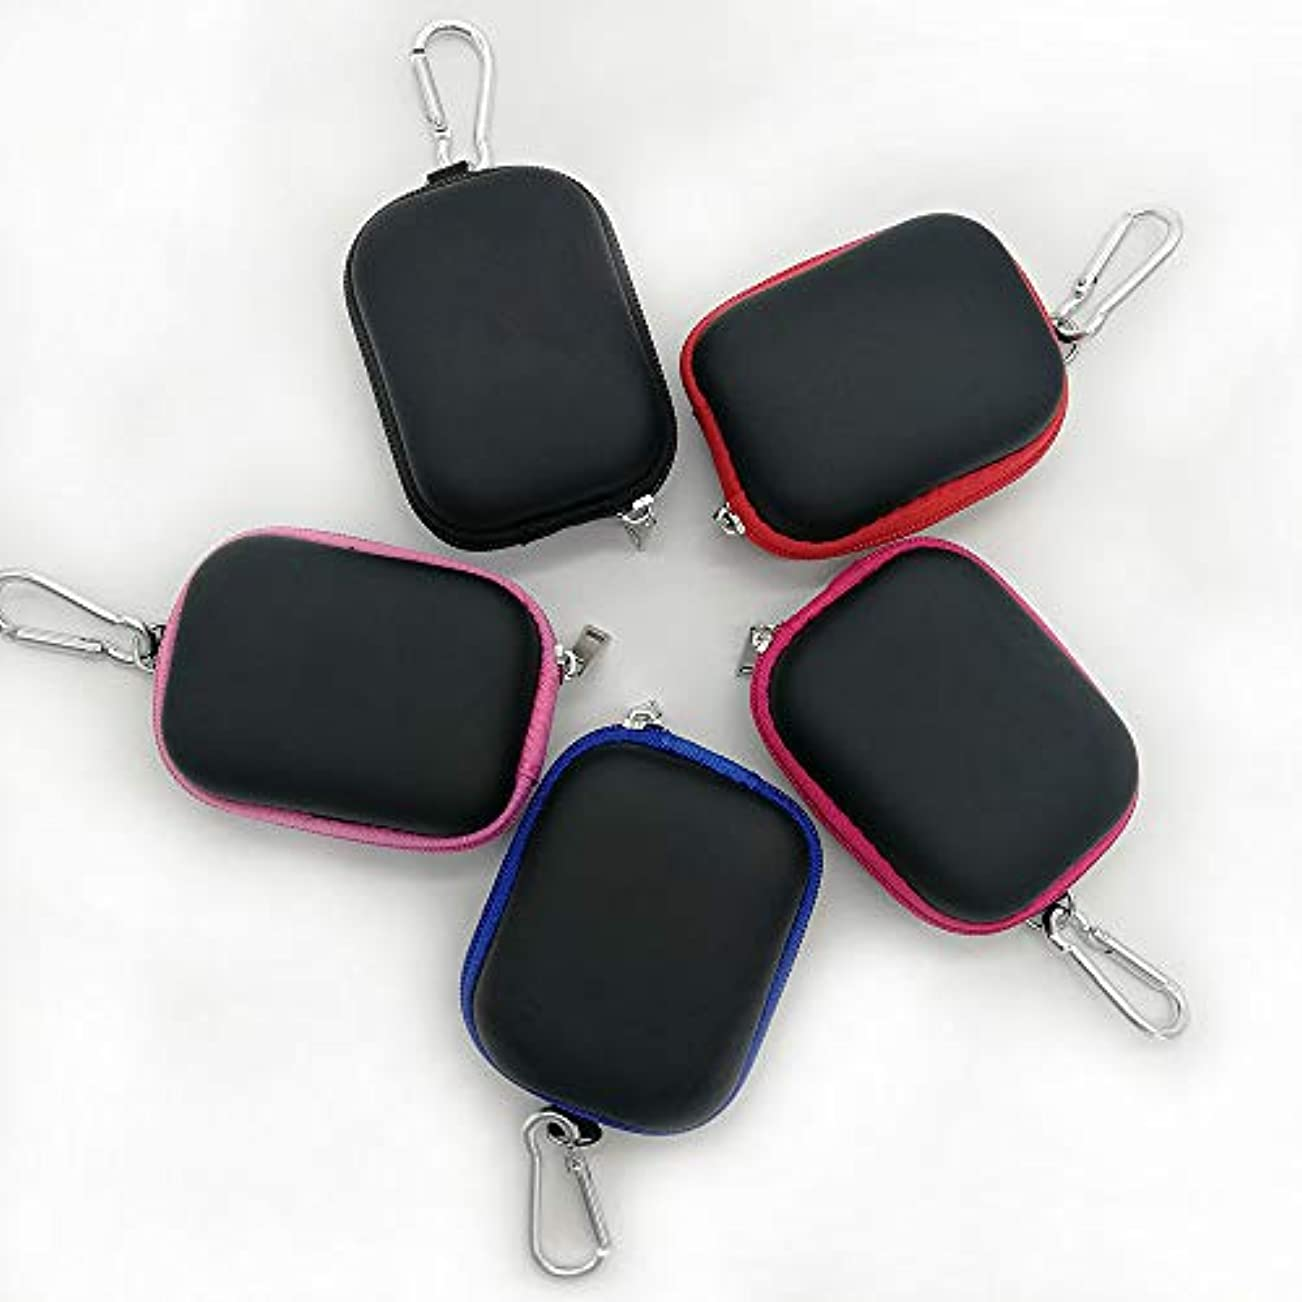 ルーキーフィヨルドヒントDecdeal ポータブルエッセンシャルオイルバッグ エッセンシャルオイルポーチ 精油ケース エッセンシャルオイル収納袋 6本用 3ML 携帯用 耐震 携帯便利